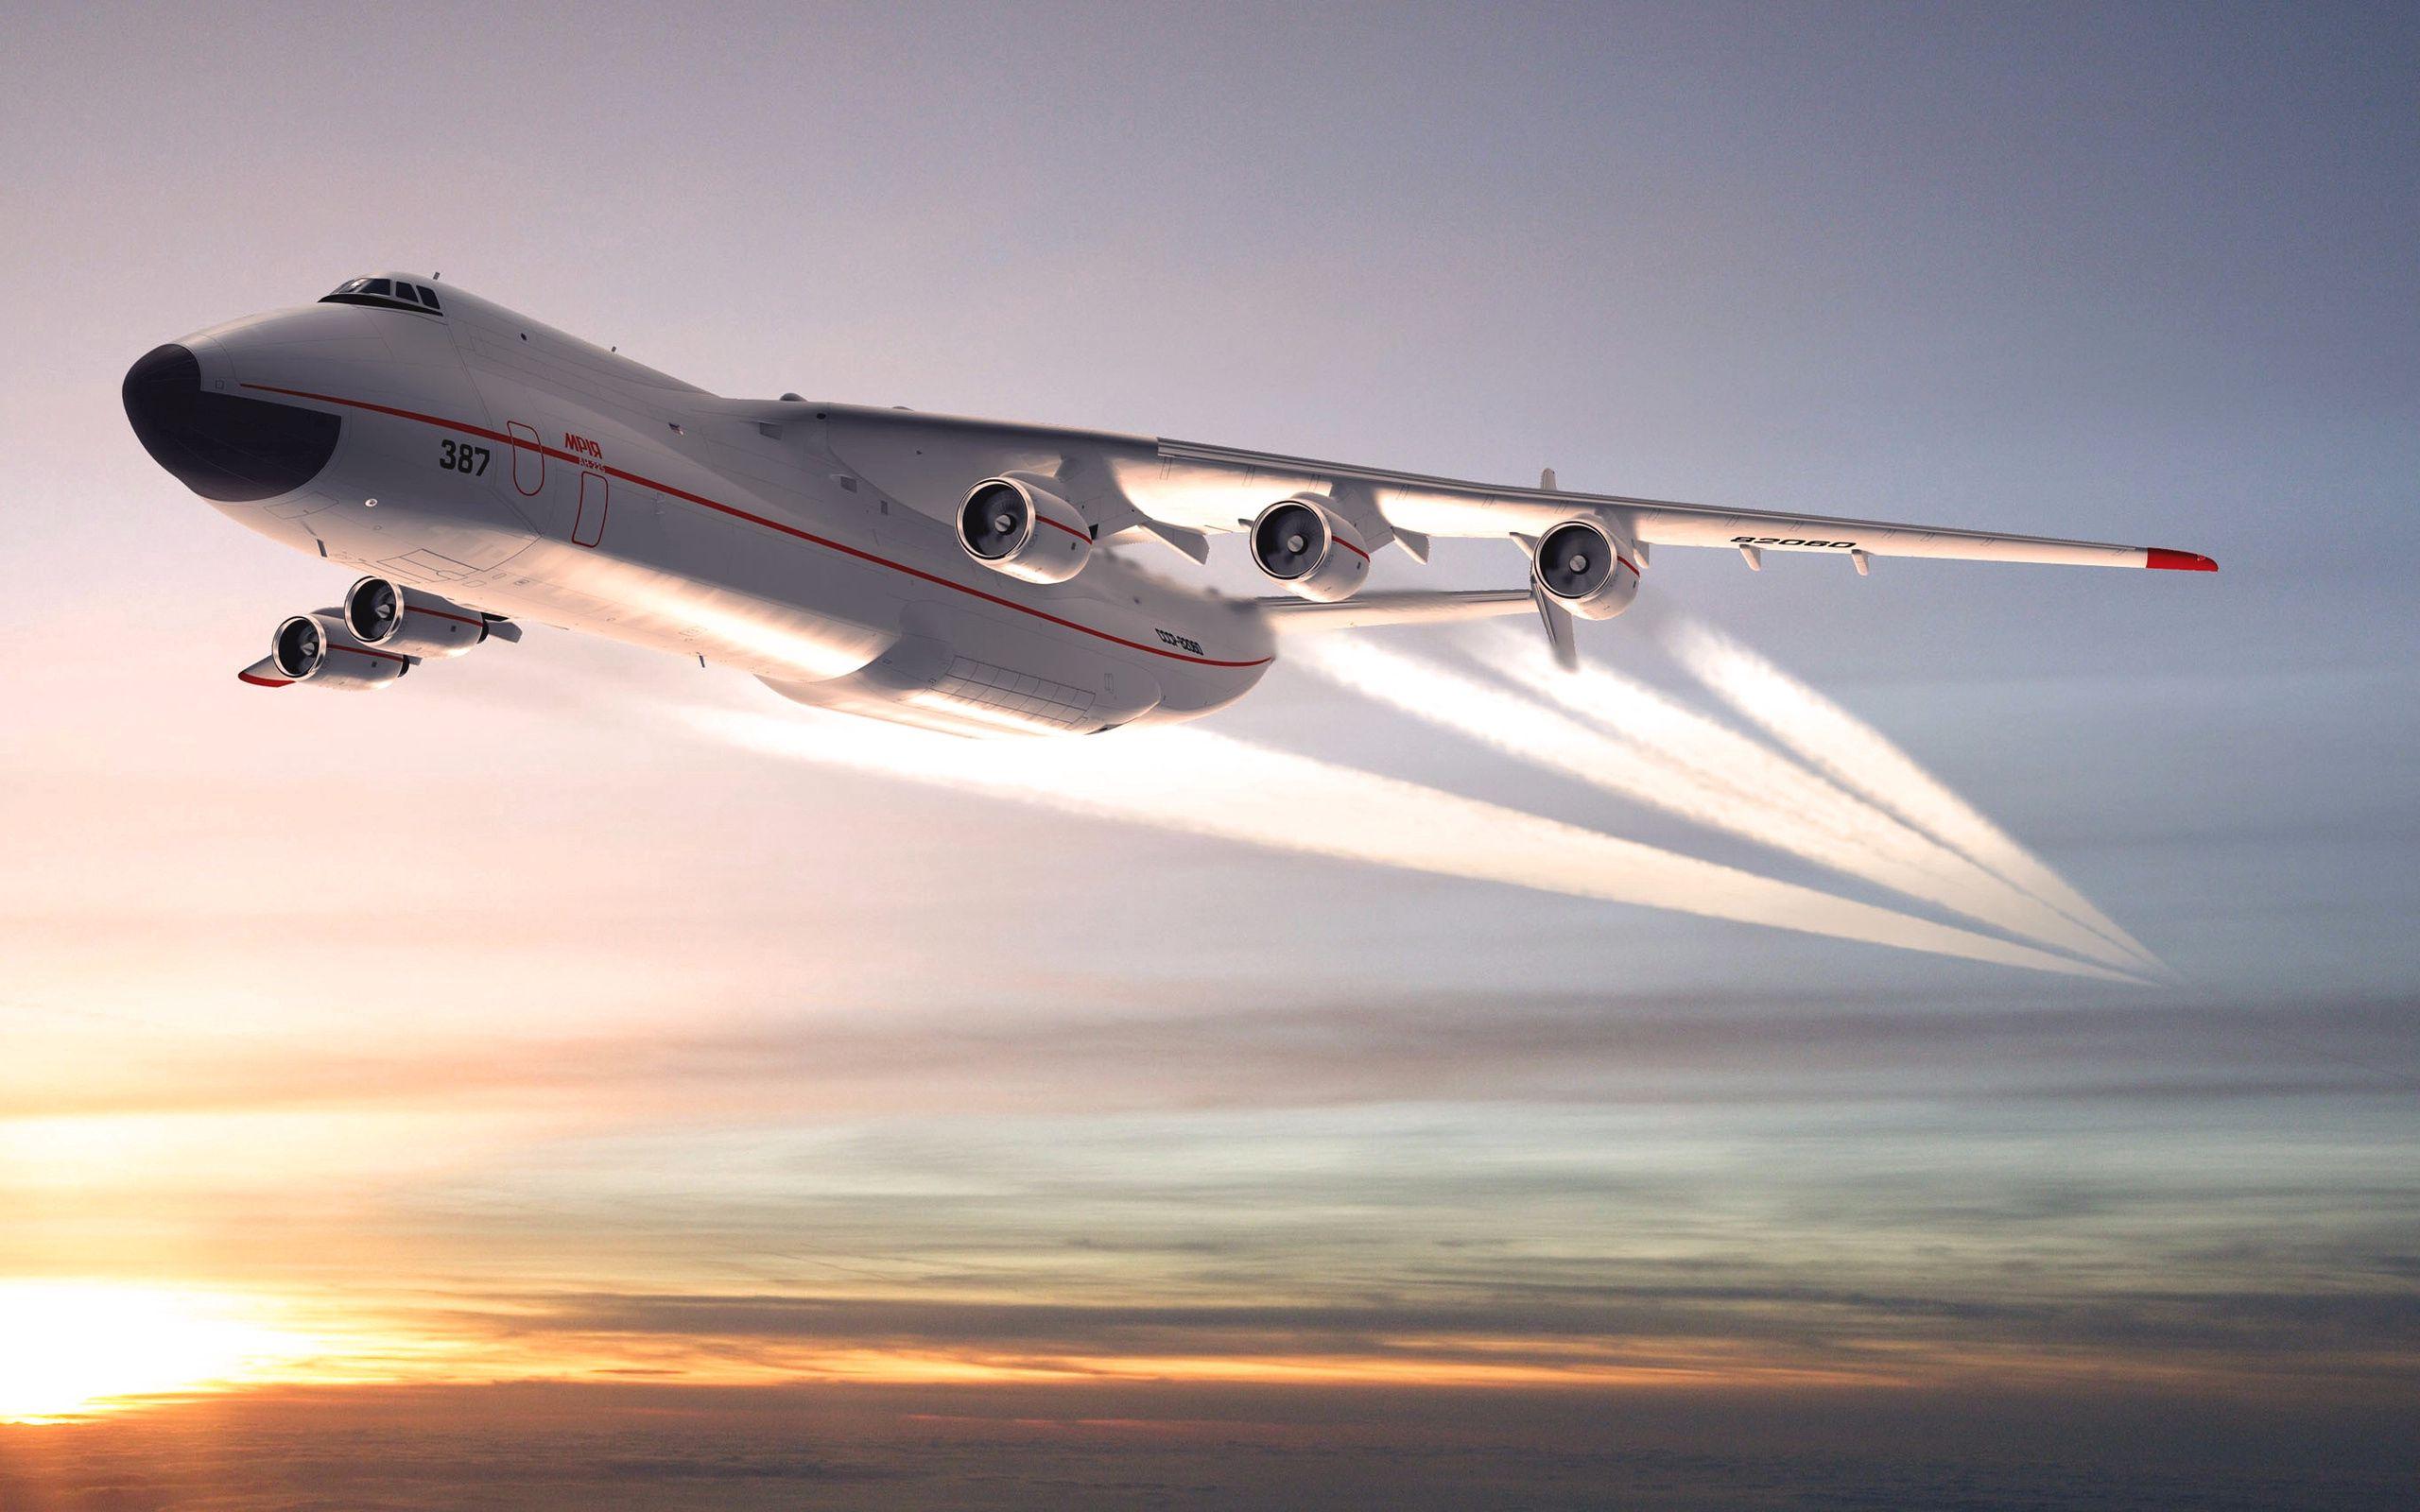 65775壁紙のダウンロードその他, 雑, アントノフ, An-225, Mriya, ムリヤ, 戦略的航空機, 戦略機, ソビエト連邦, ソ連, ウクライナ-スクリーンセーバーと写真を無料で